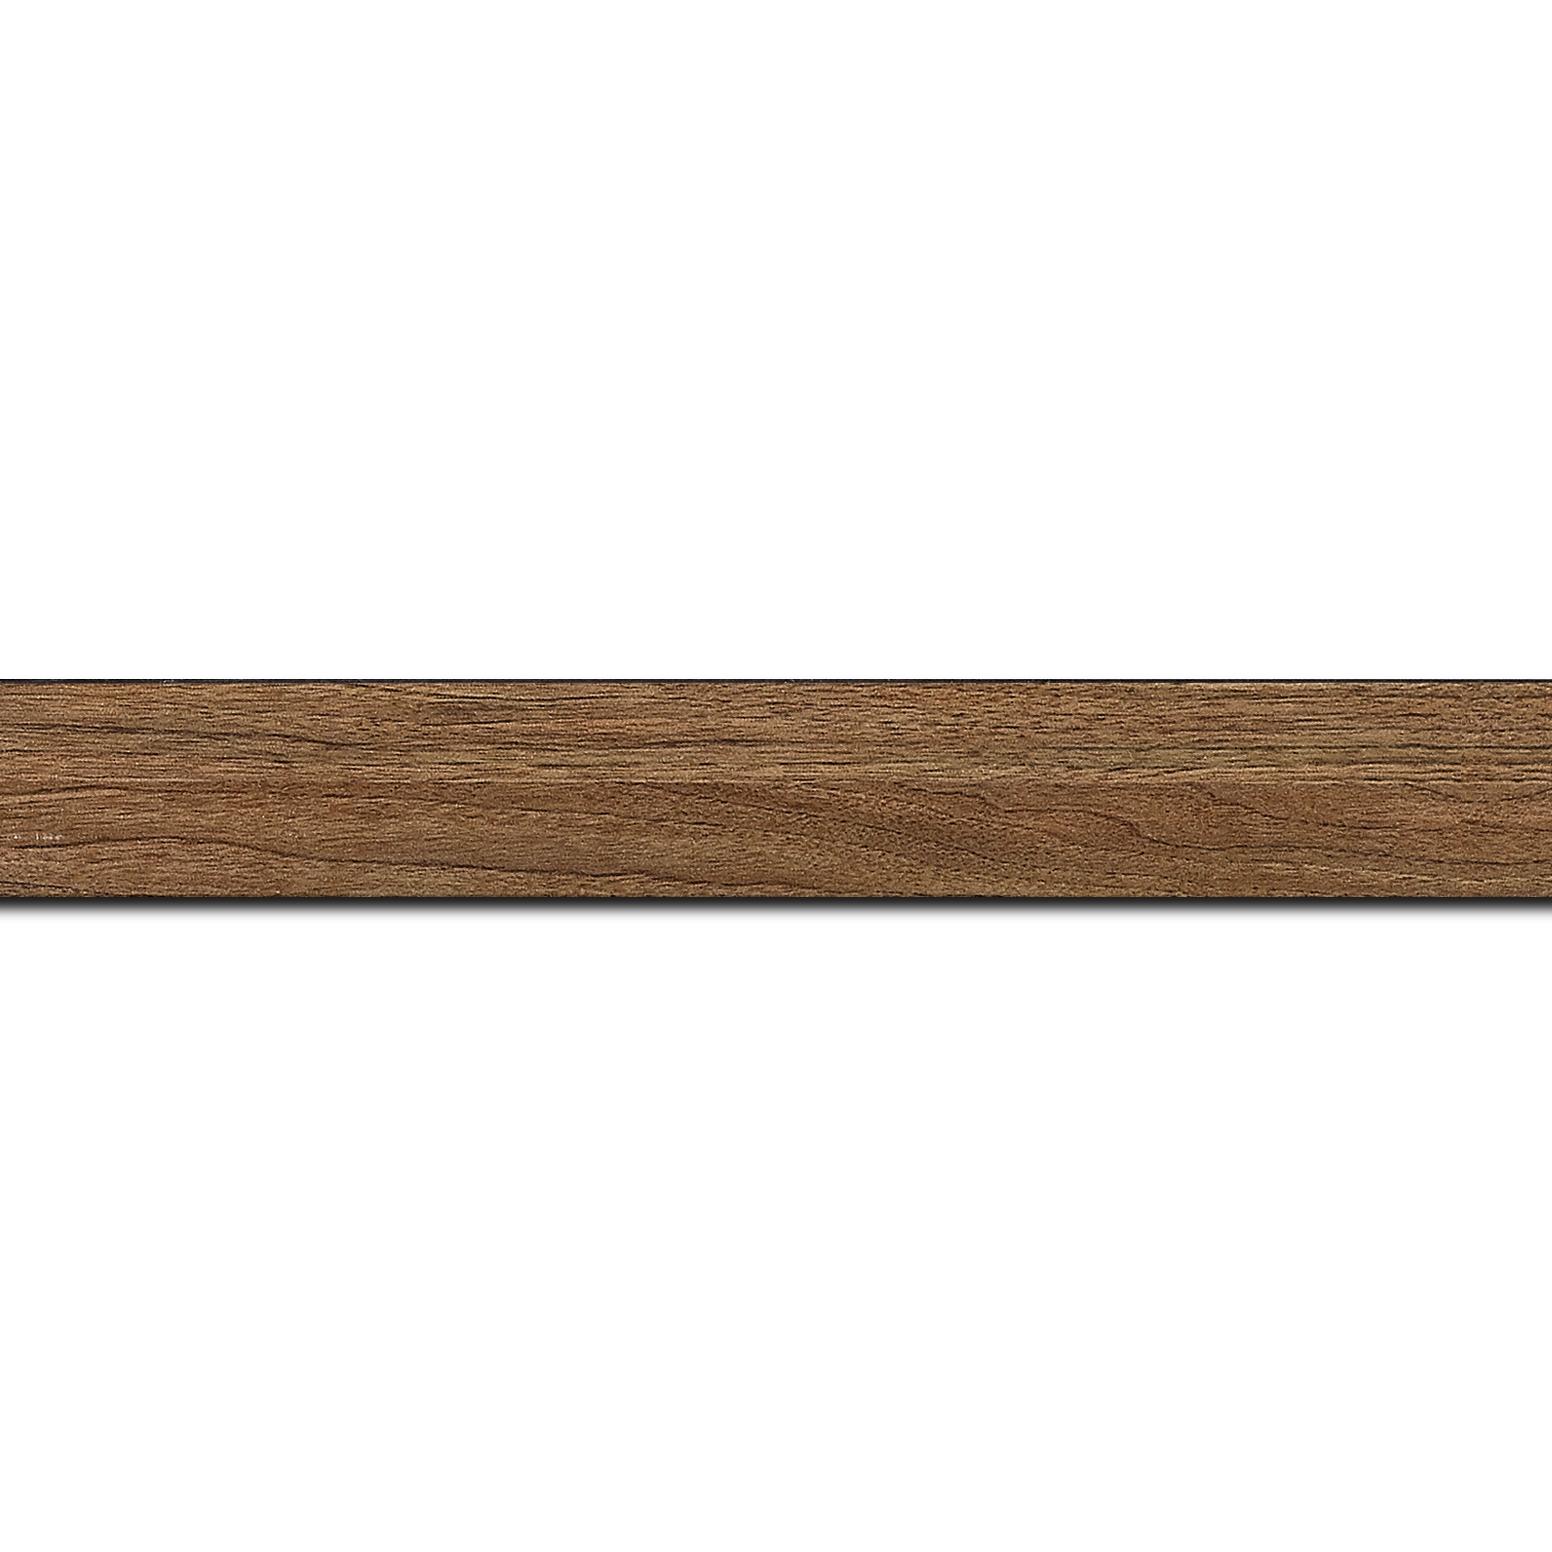 Baguette longueur 1.40m bois profil plat largeur 2.6cm hauteur 5cm décor bois chêne doré